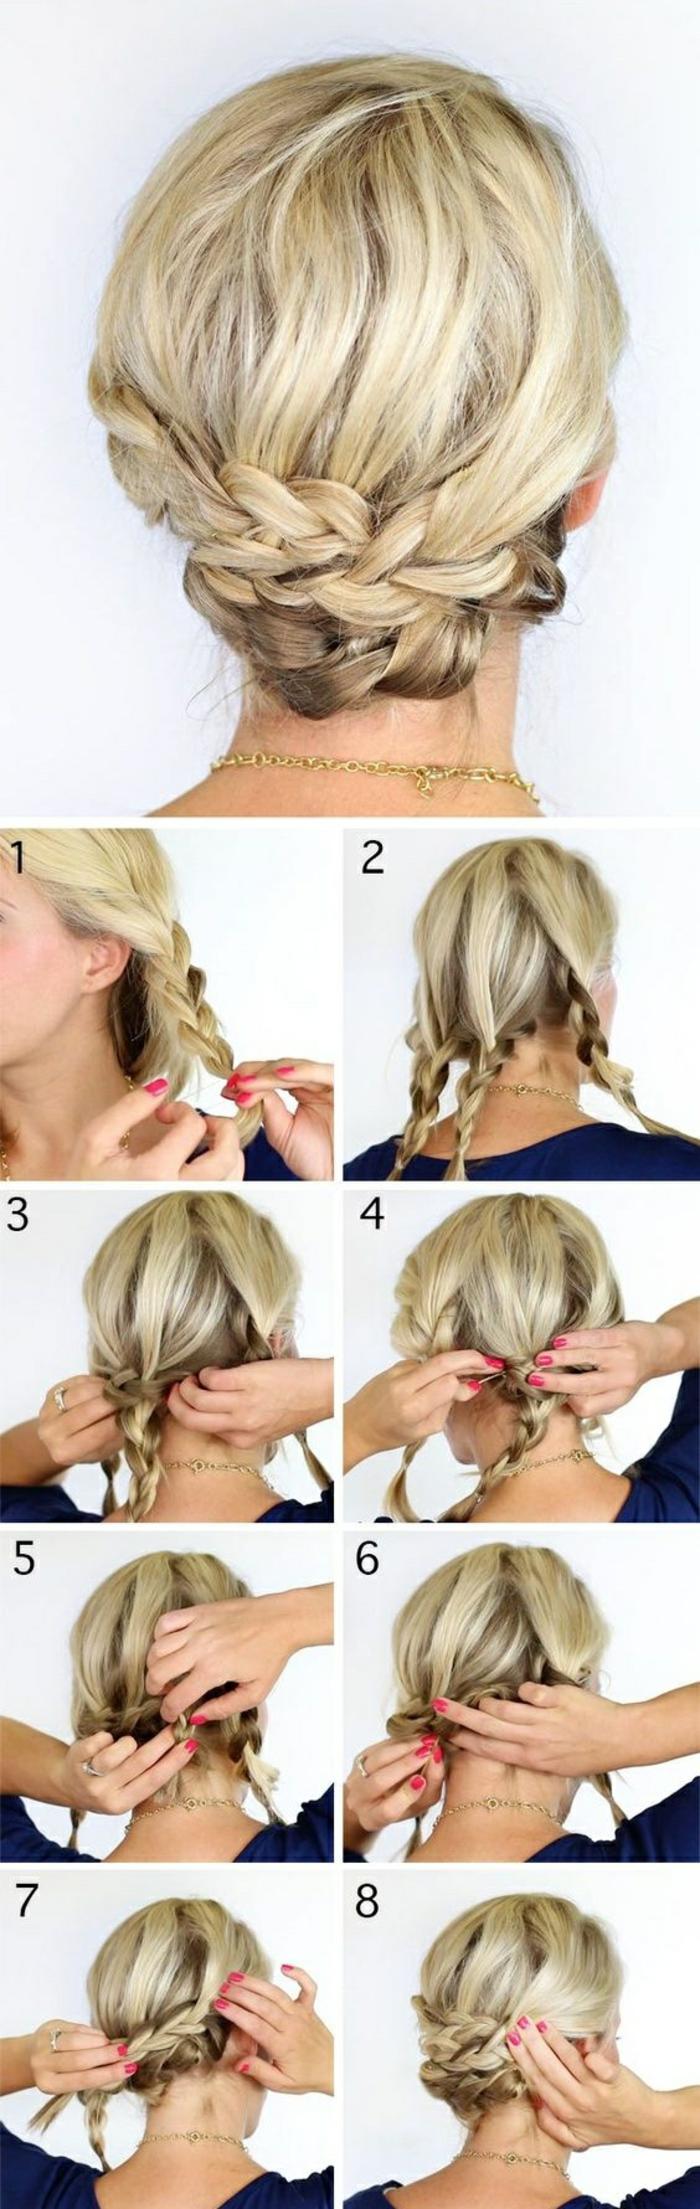 einfache frisuren - blonde haare, zöpfe, hochsteckfrisur selber machen